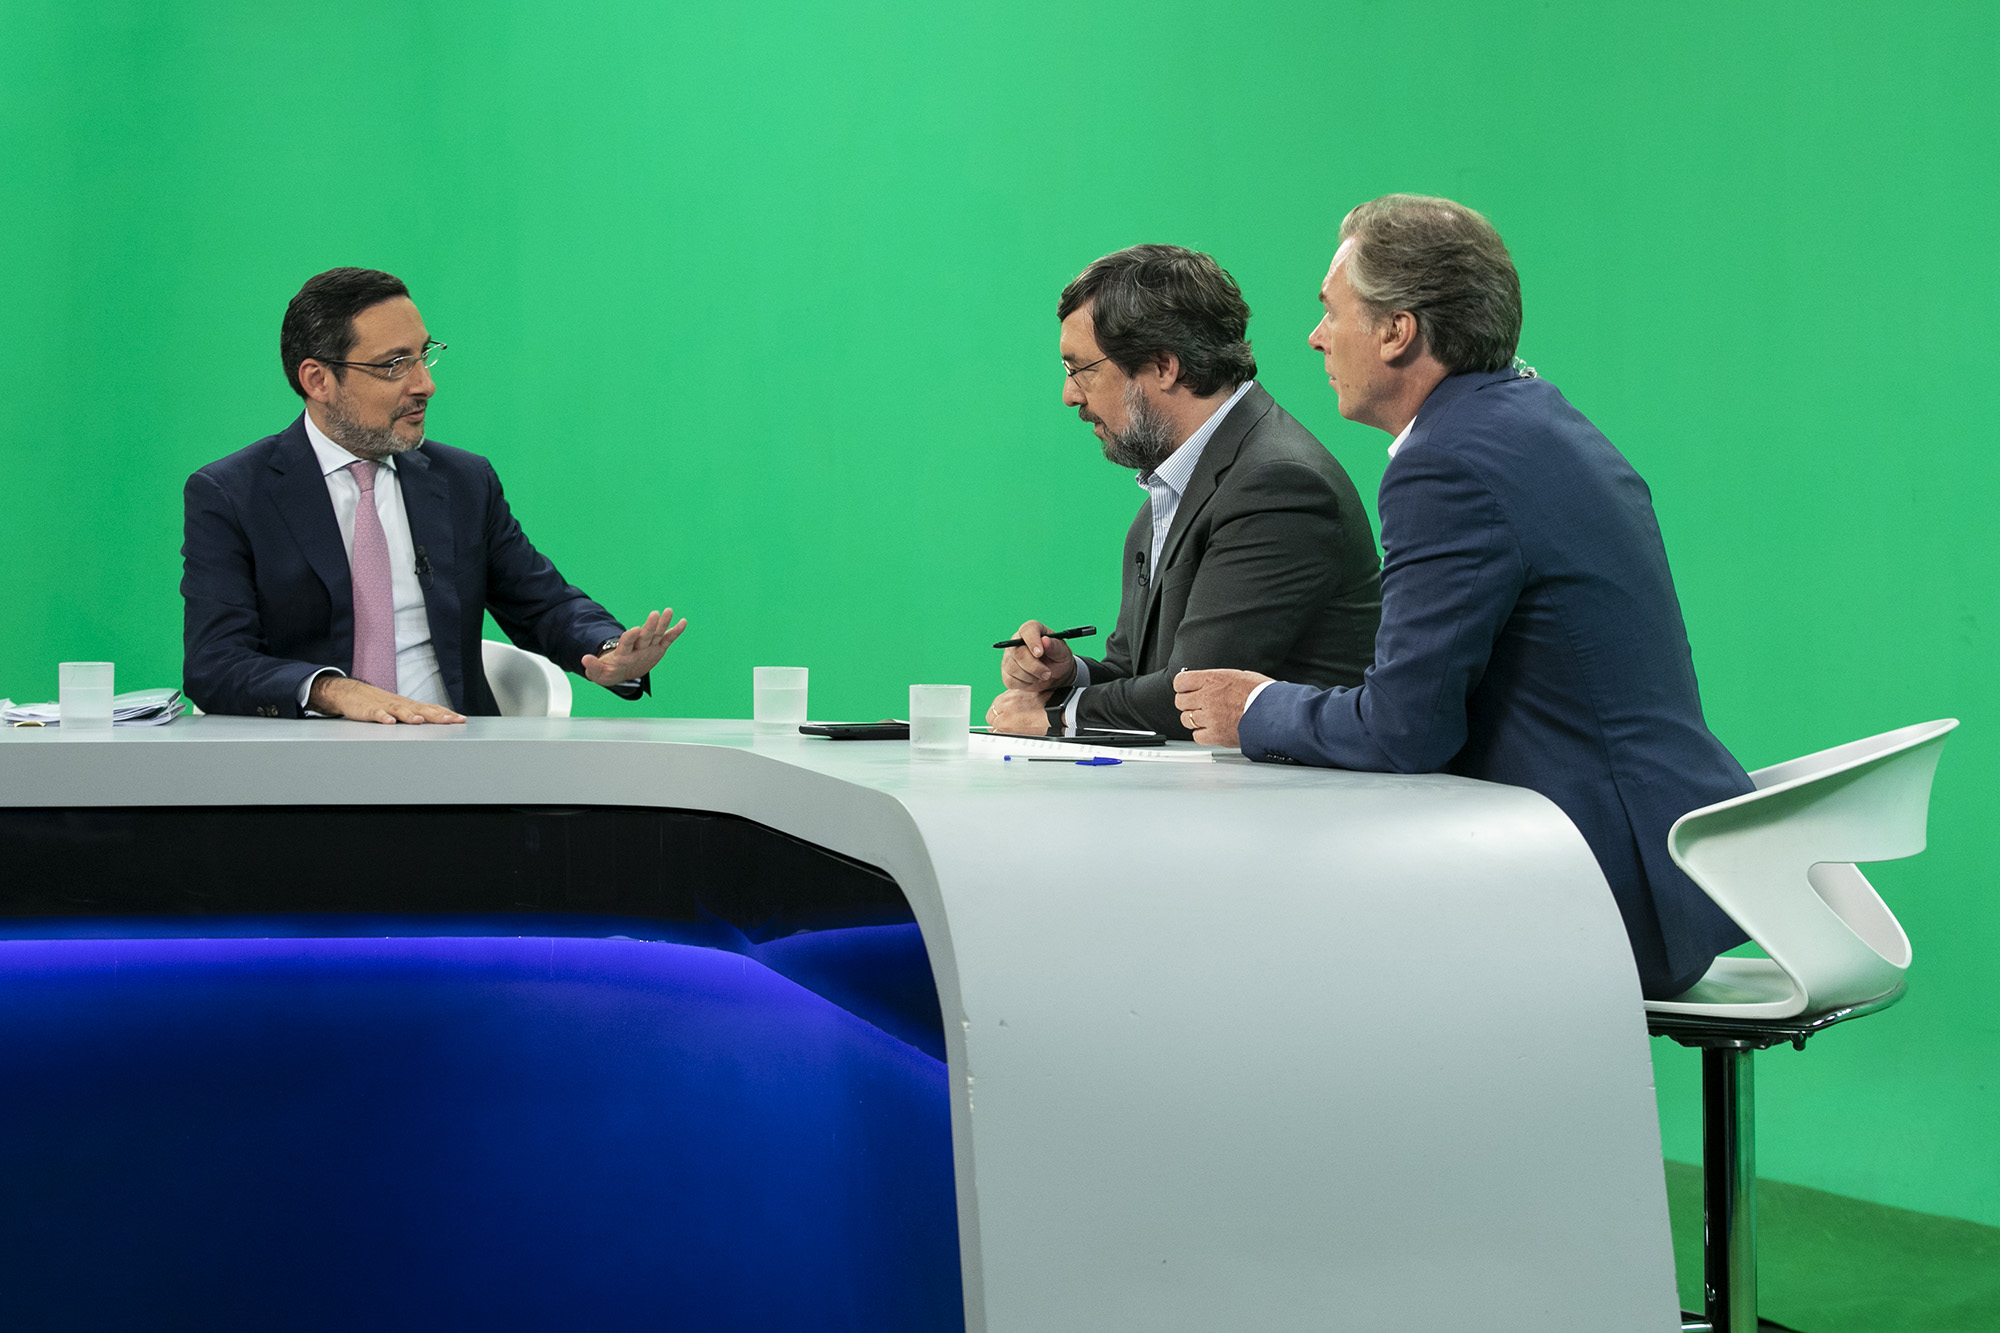 António Mendonça Mendes, Secretário de Estado dos Assuntos Fiscais, em entrevista ao ECO24 - 04JUL19